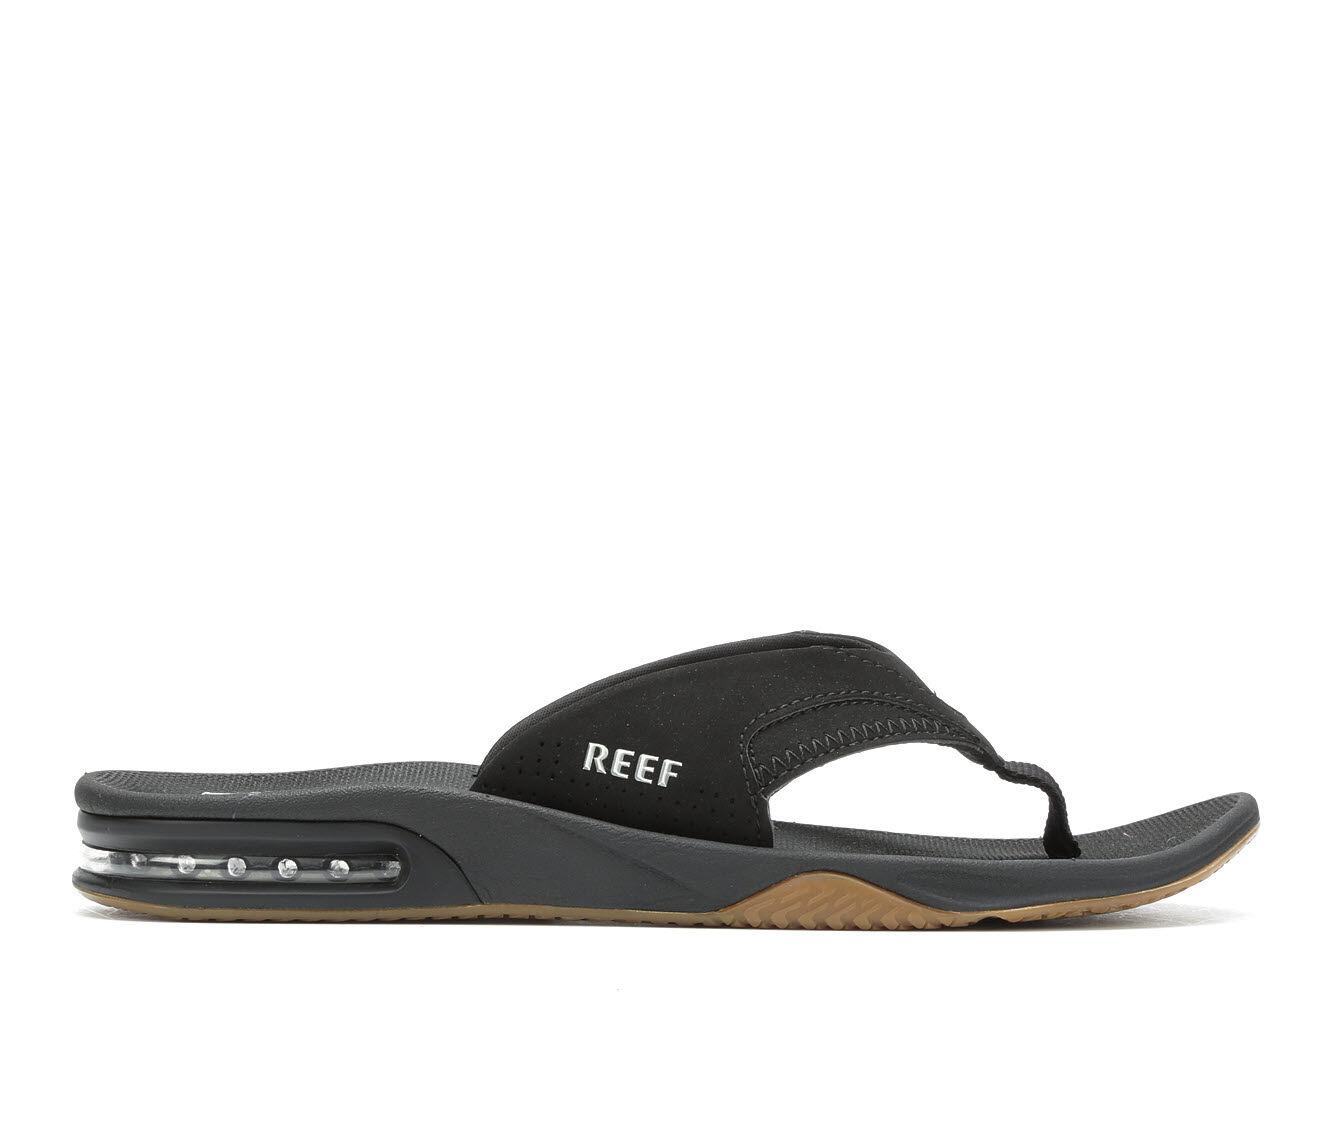 Men's Reef Fanning Flip-Flops Black/Silver